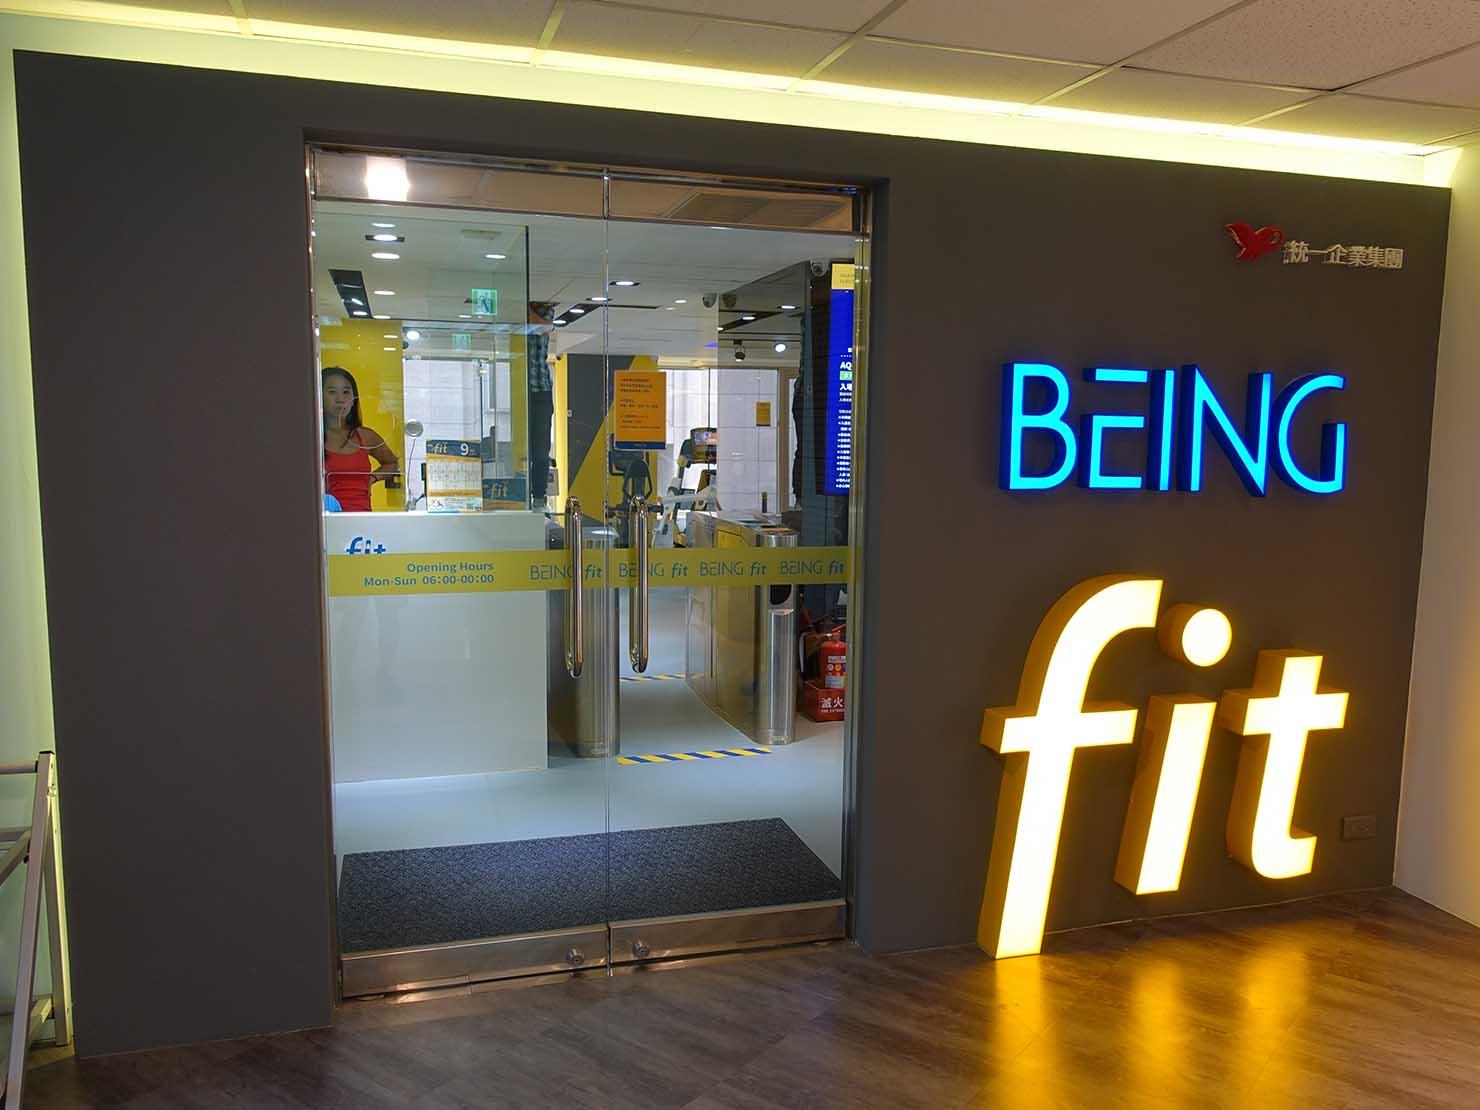 台湾のスポーツジム「BEING fit」のエントランス